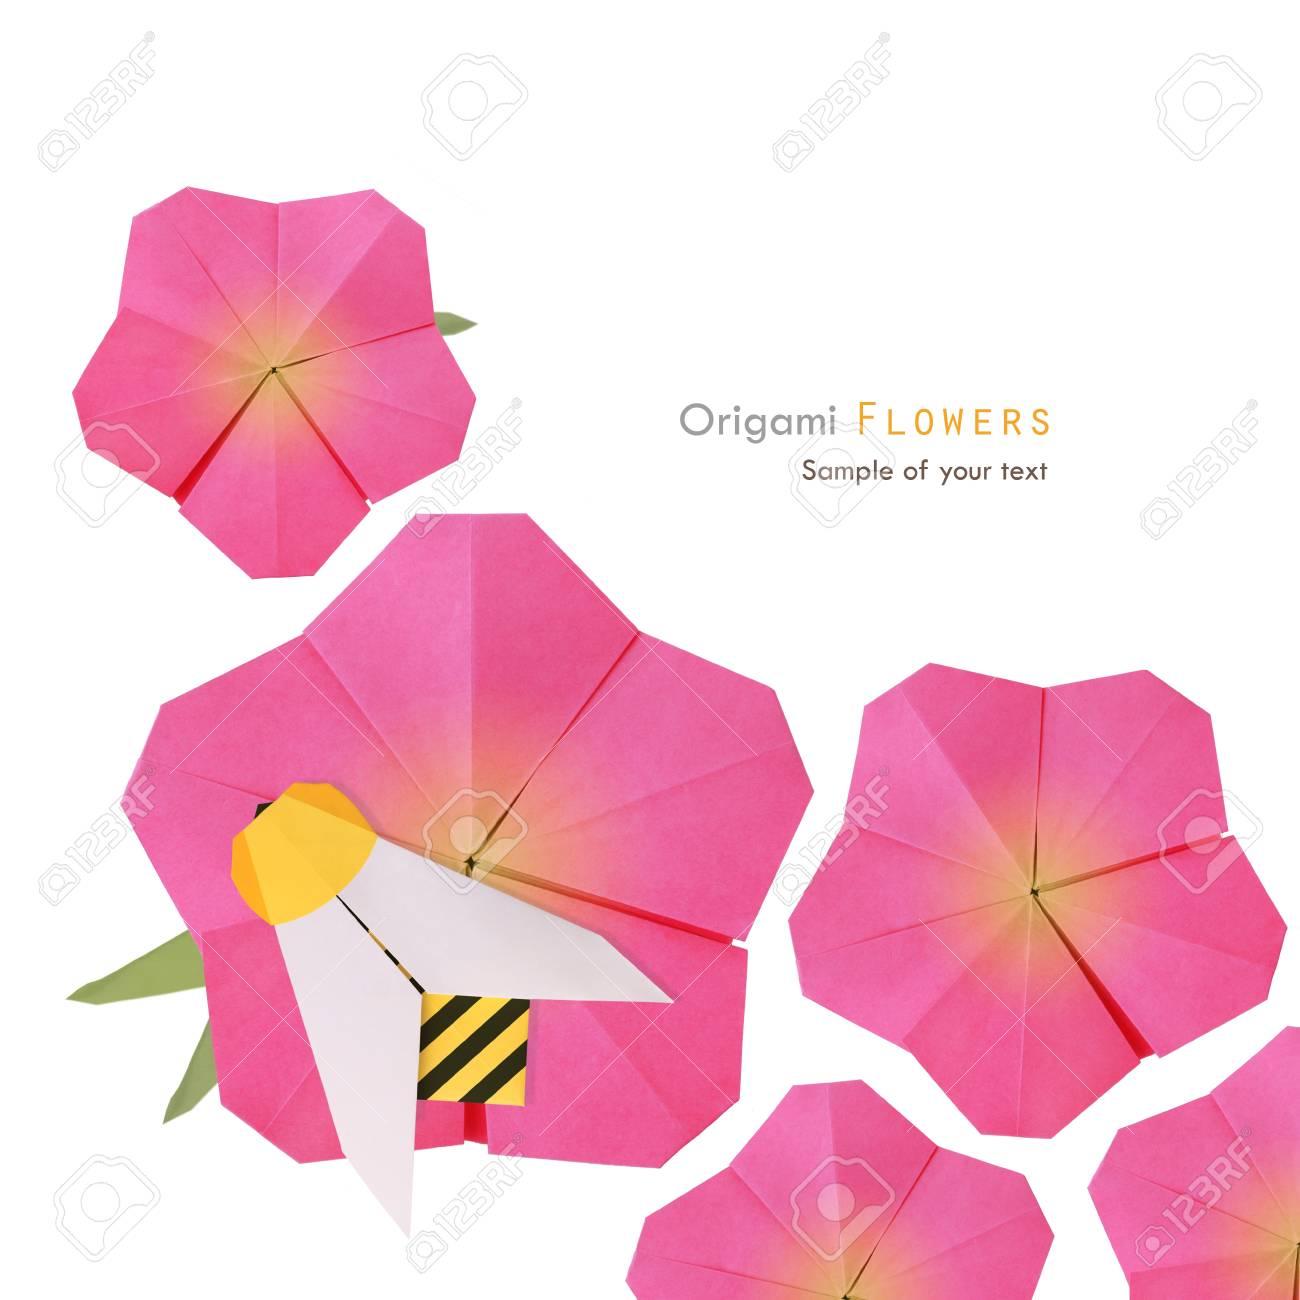 Origami Rosa Sommerblumen Mit Noney Biene Auf Einem Weißen